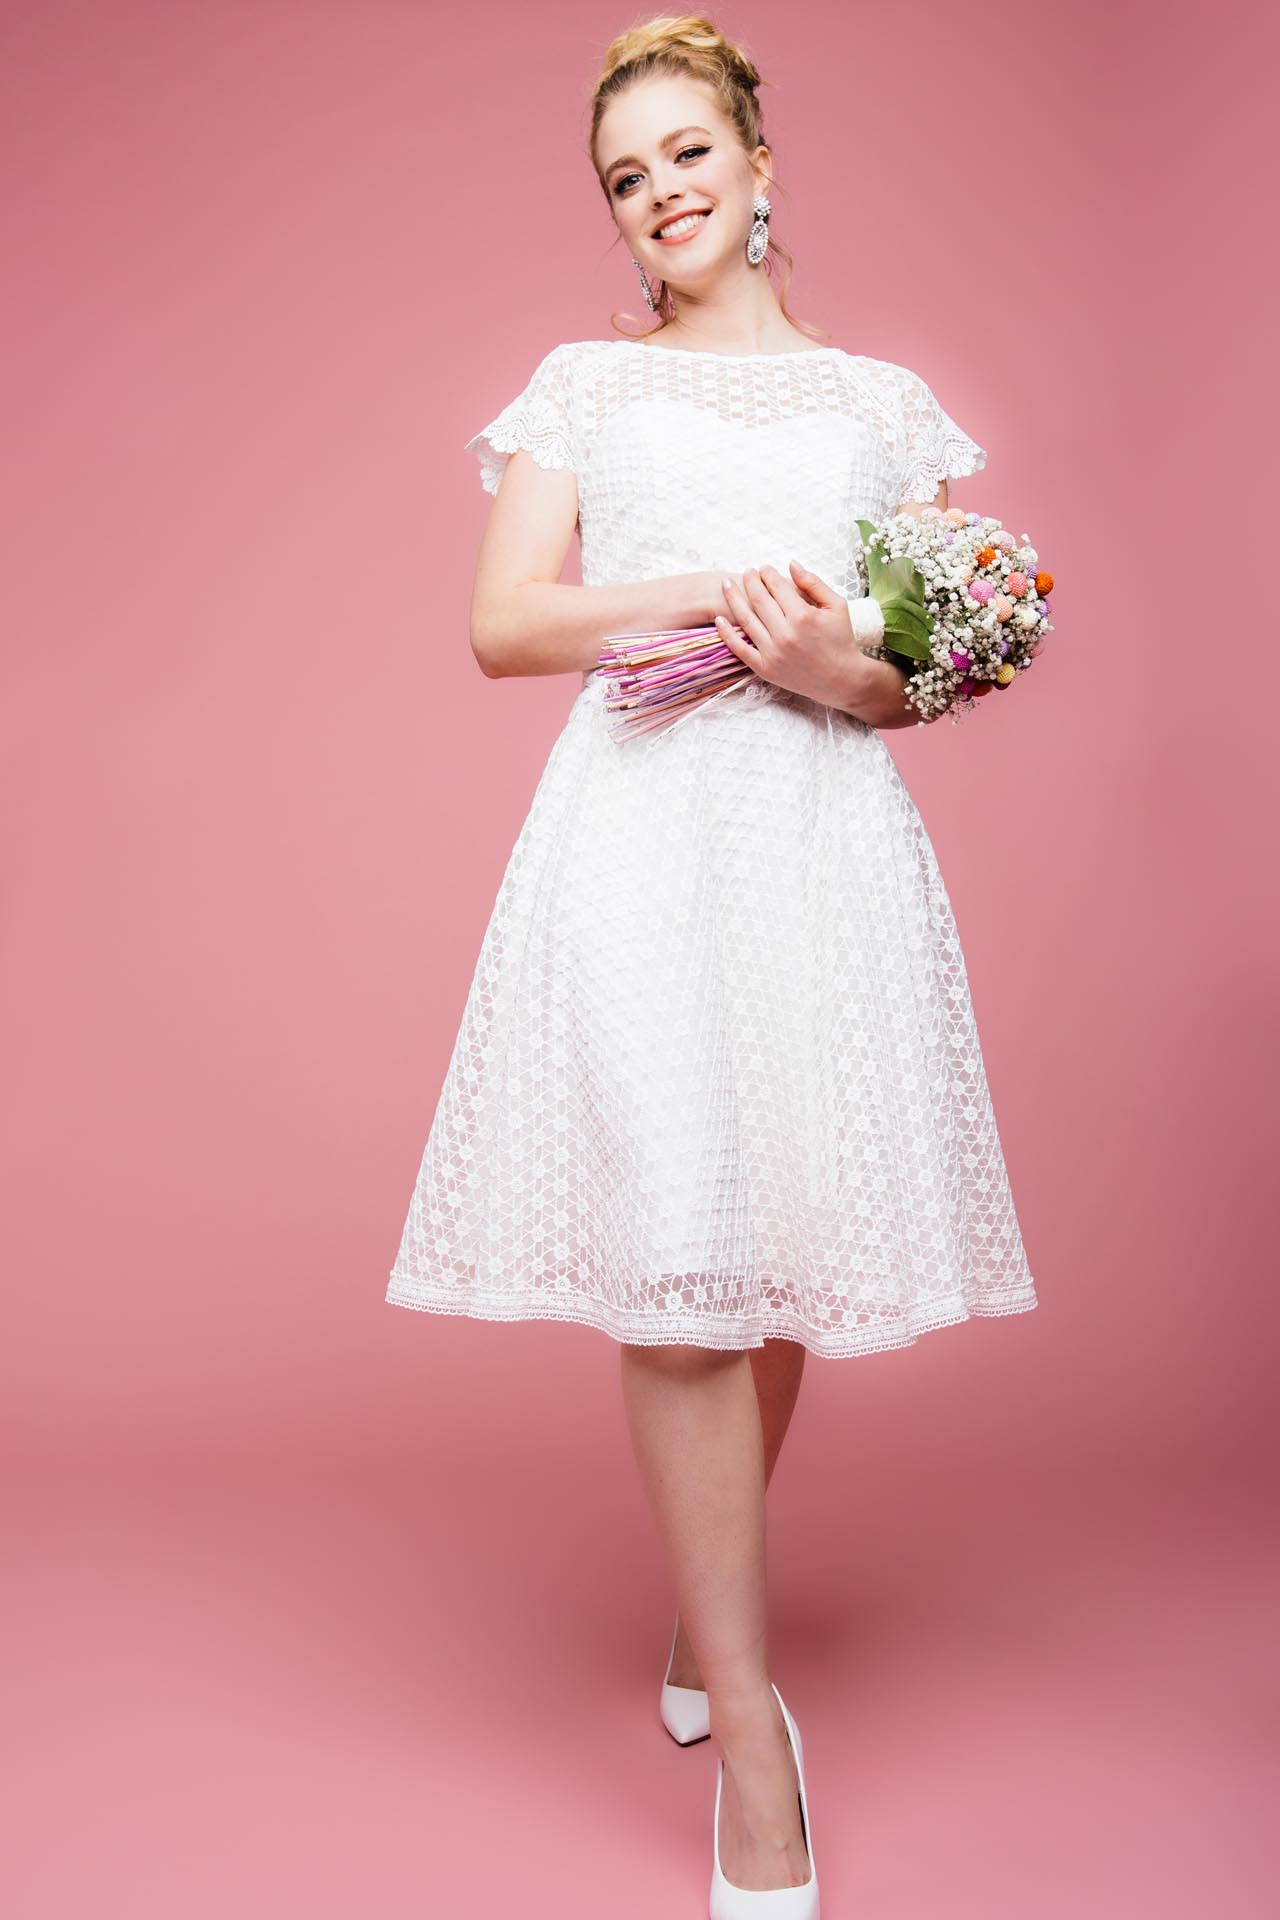 Standesamtkleid Vintage Kurz Heirate Im Flotten Gute Laune Kleid